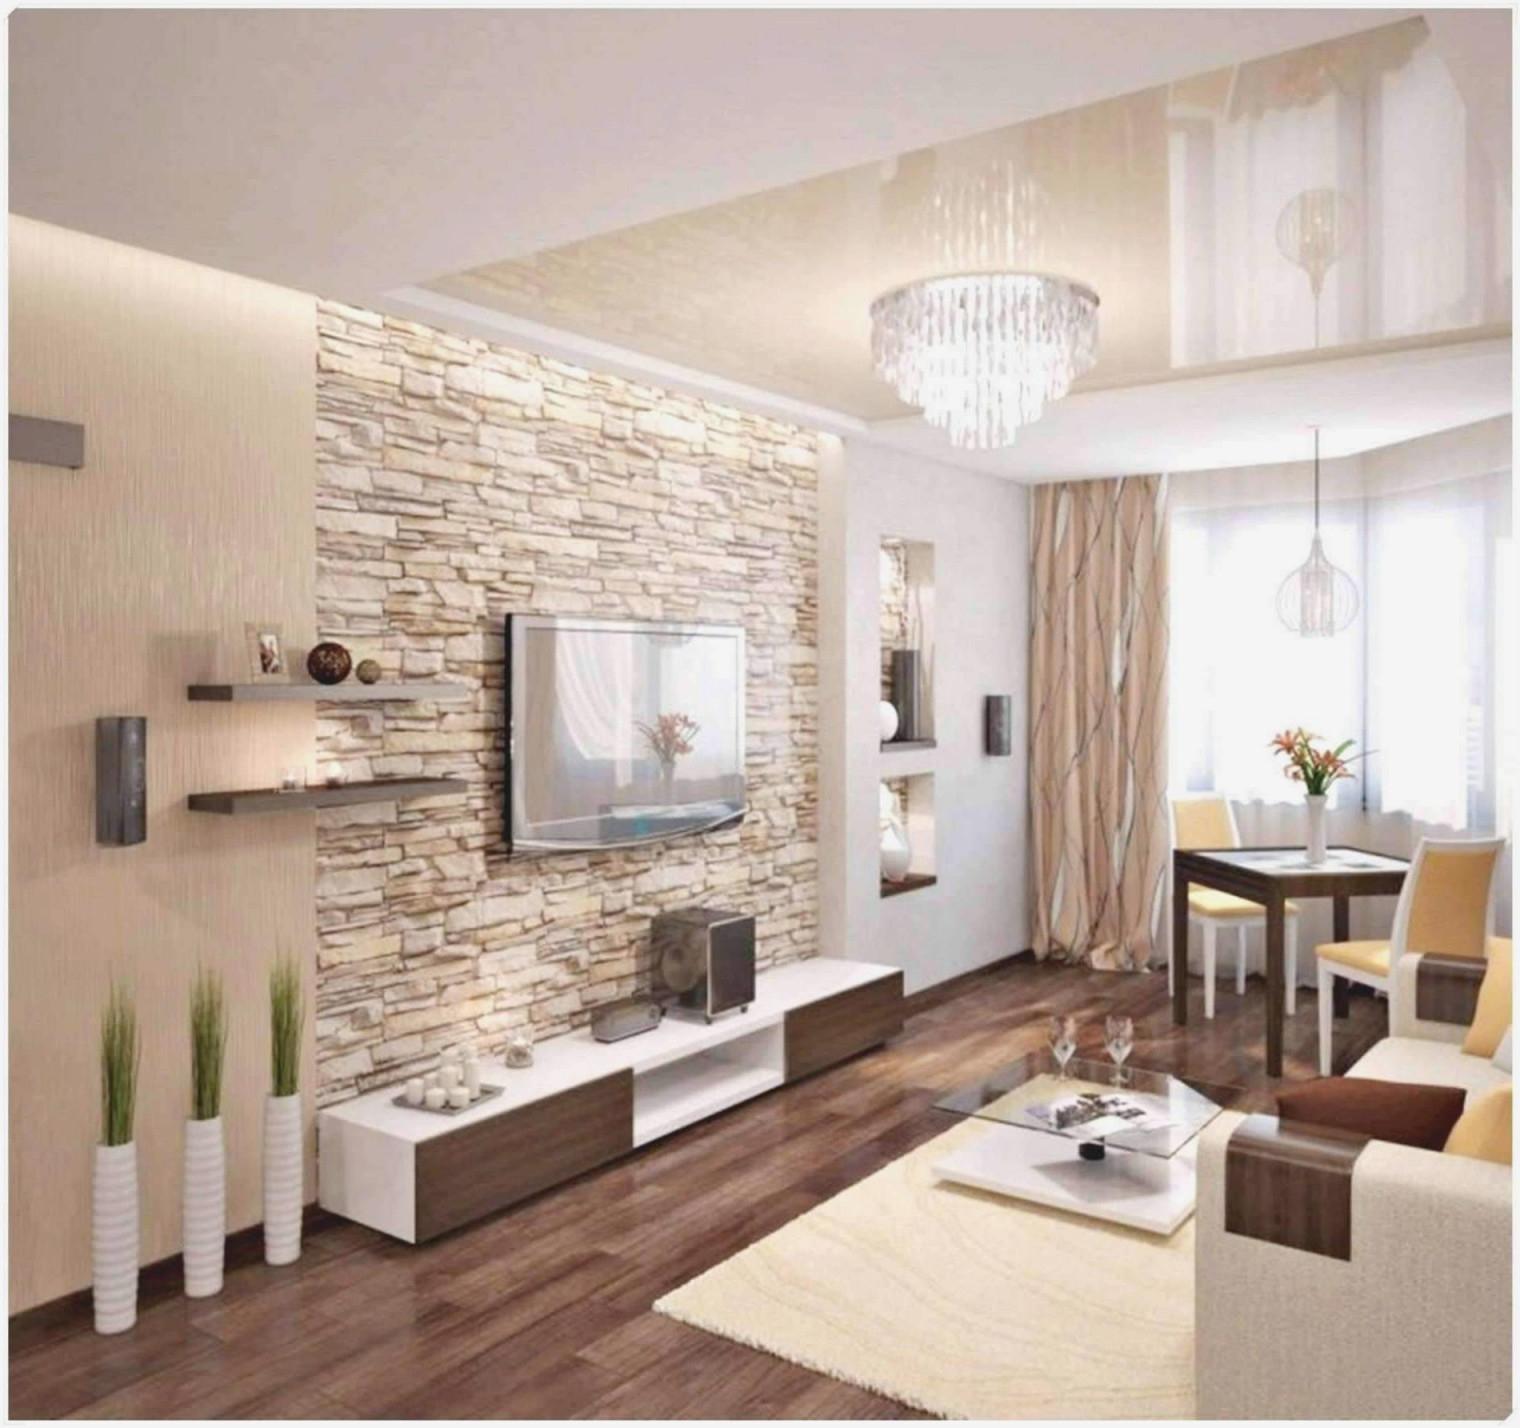 Bilder Moderne Dekoartikel Wohnzimmer  Wohnzimmer von Moderne Deko Wohnzimmer Bild